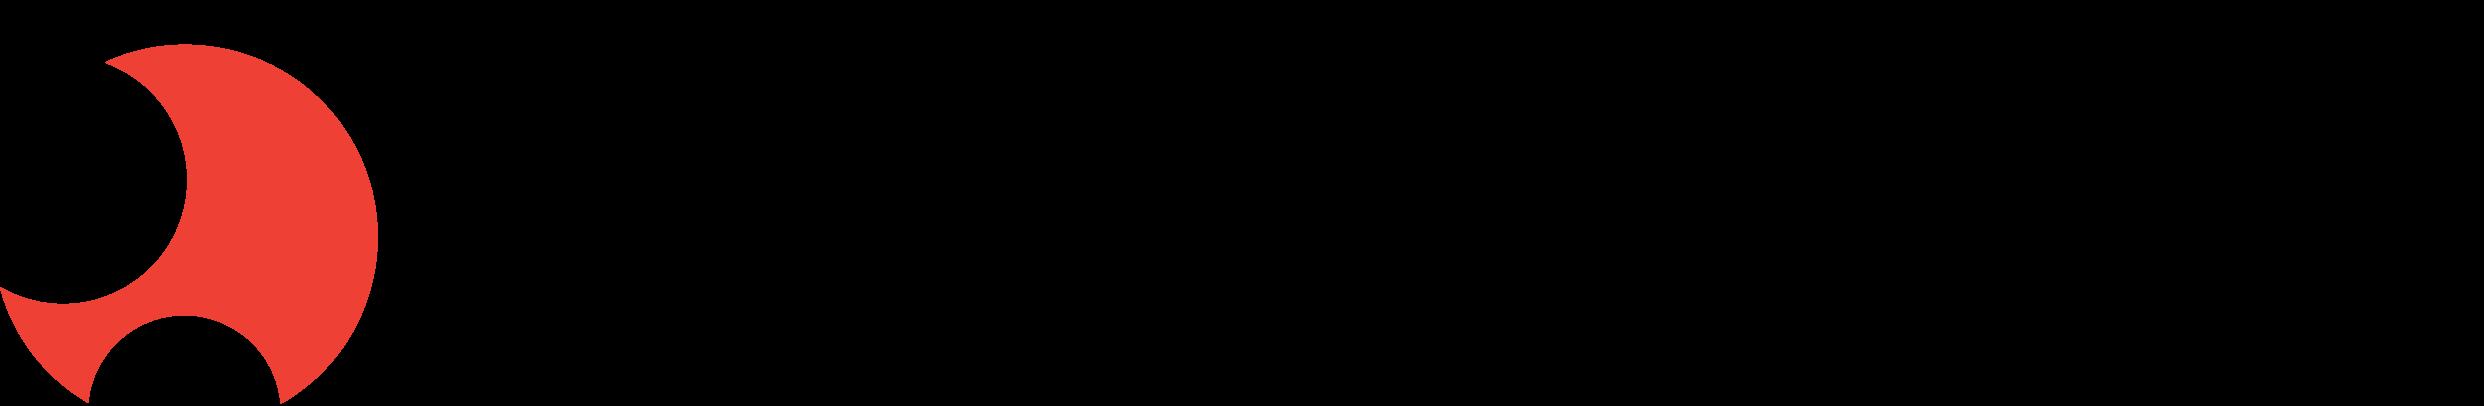 Abionic